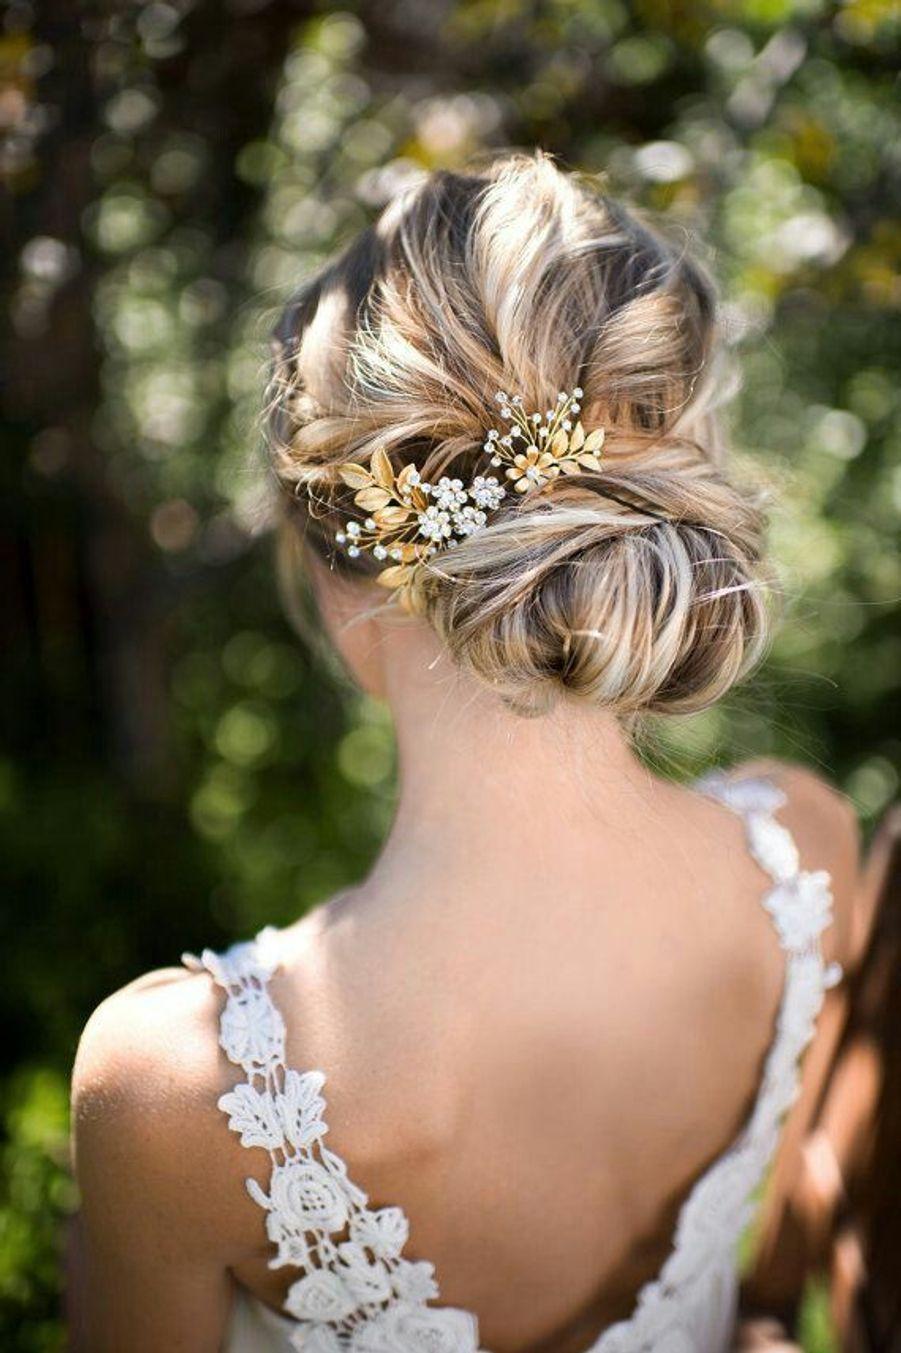 Un chignon avec un bijou de cheveuxhttps://www.pinterest.fr/pin/362117626280325390/